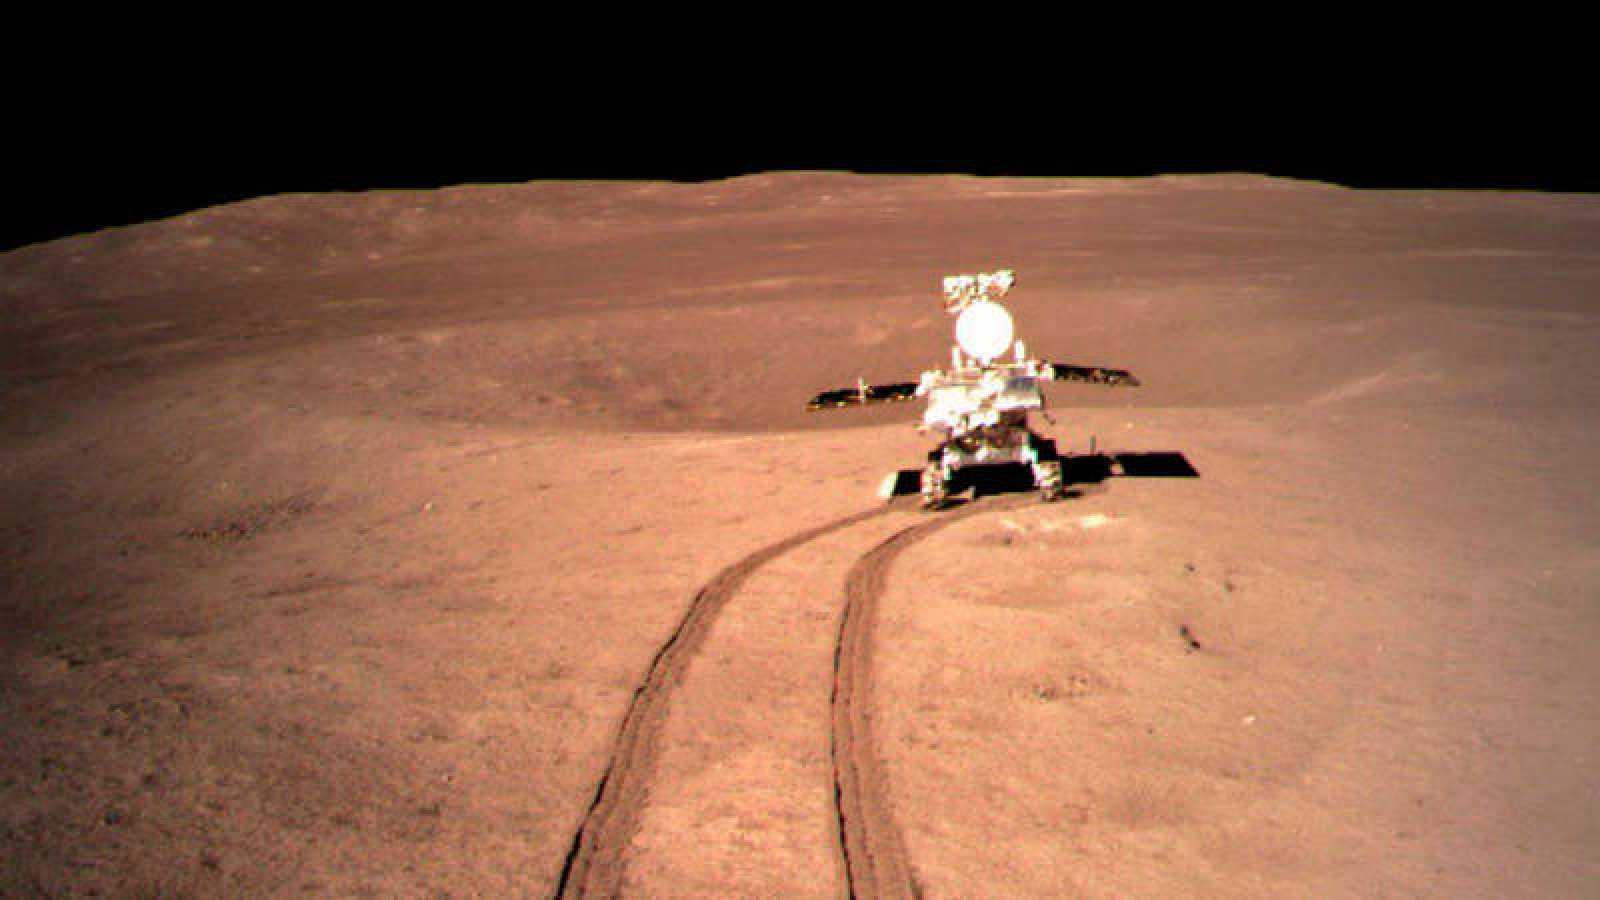 Fotografía tomada por el Chang'e-4, que muestra el rover Yutu-2 en la cara oculta de la Luna.